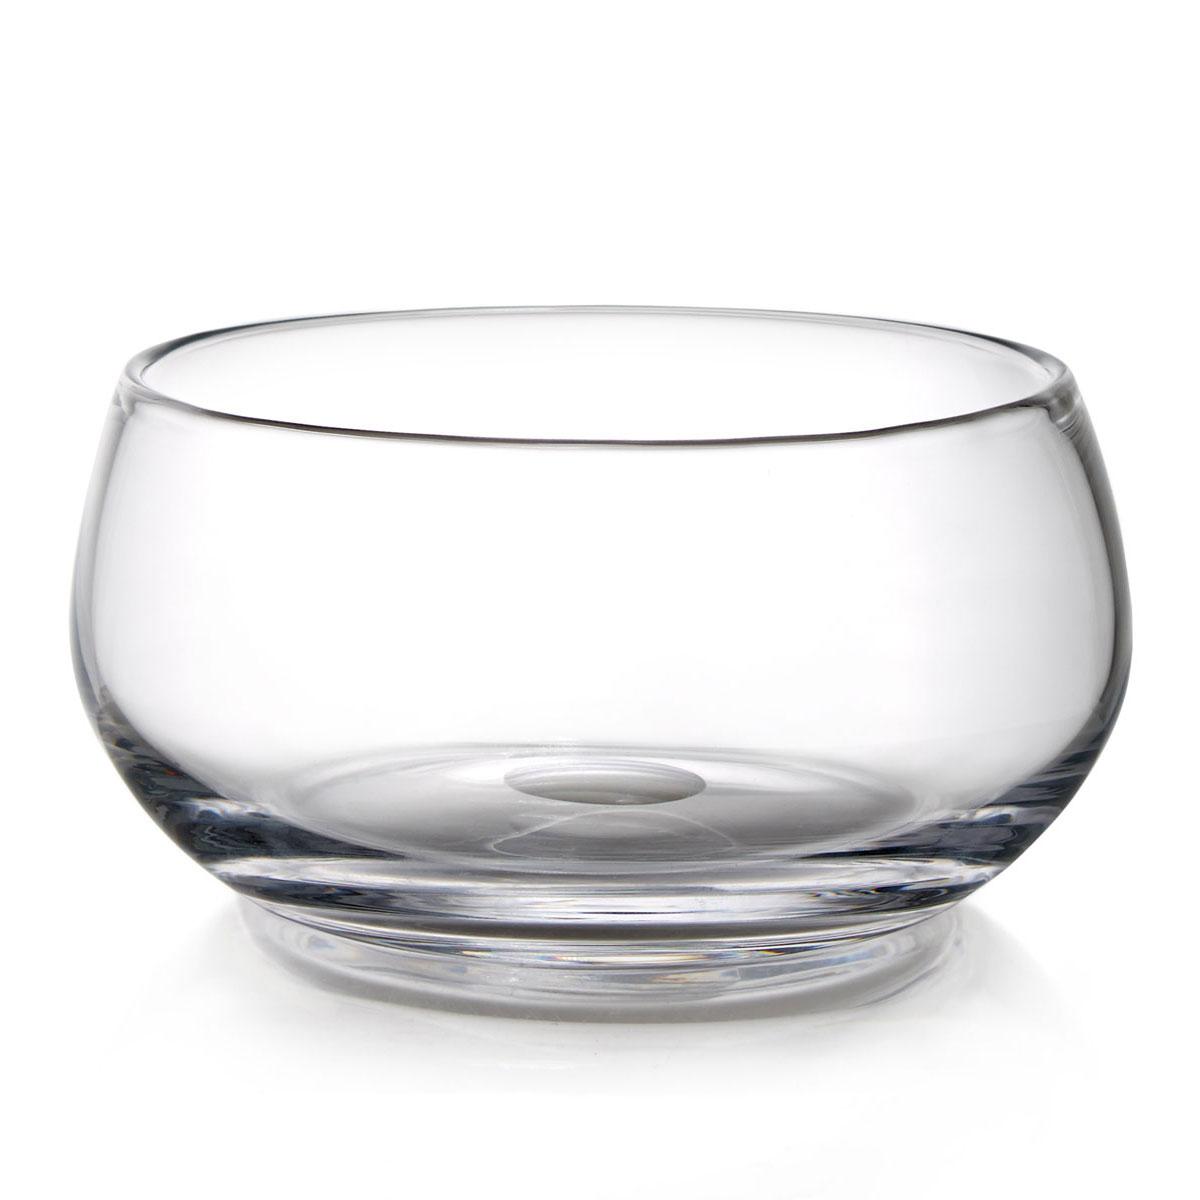 Nambe Moderne Medium Round Bowl